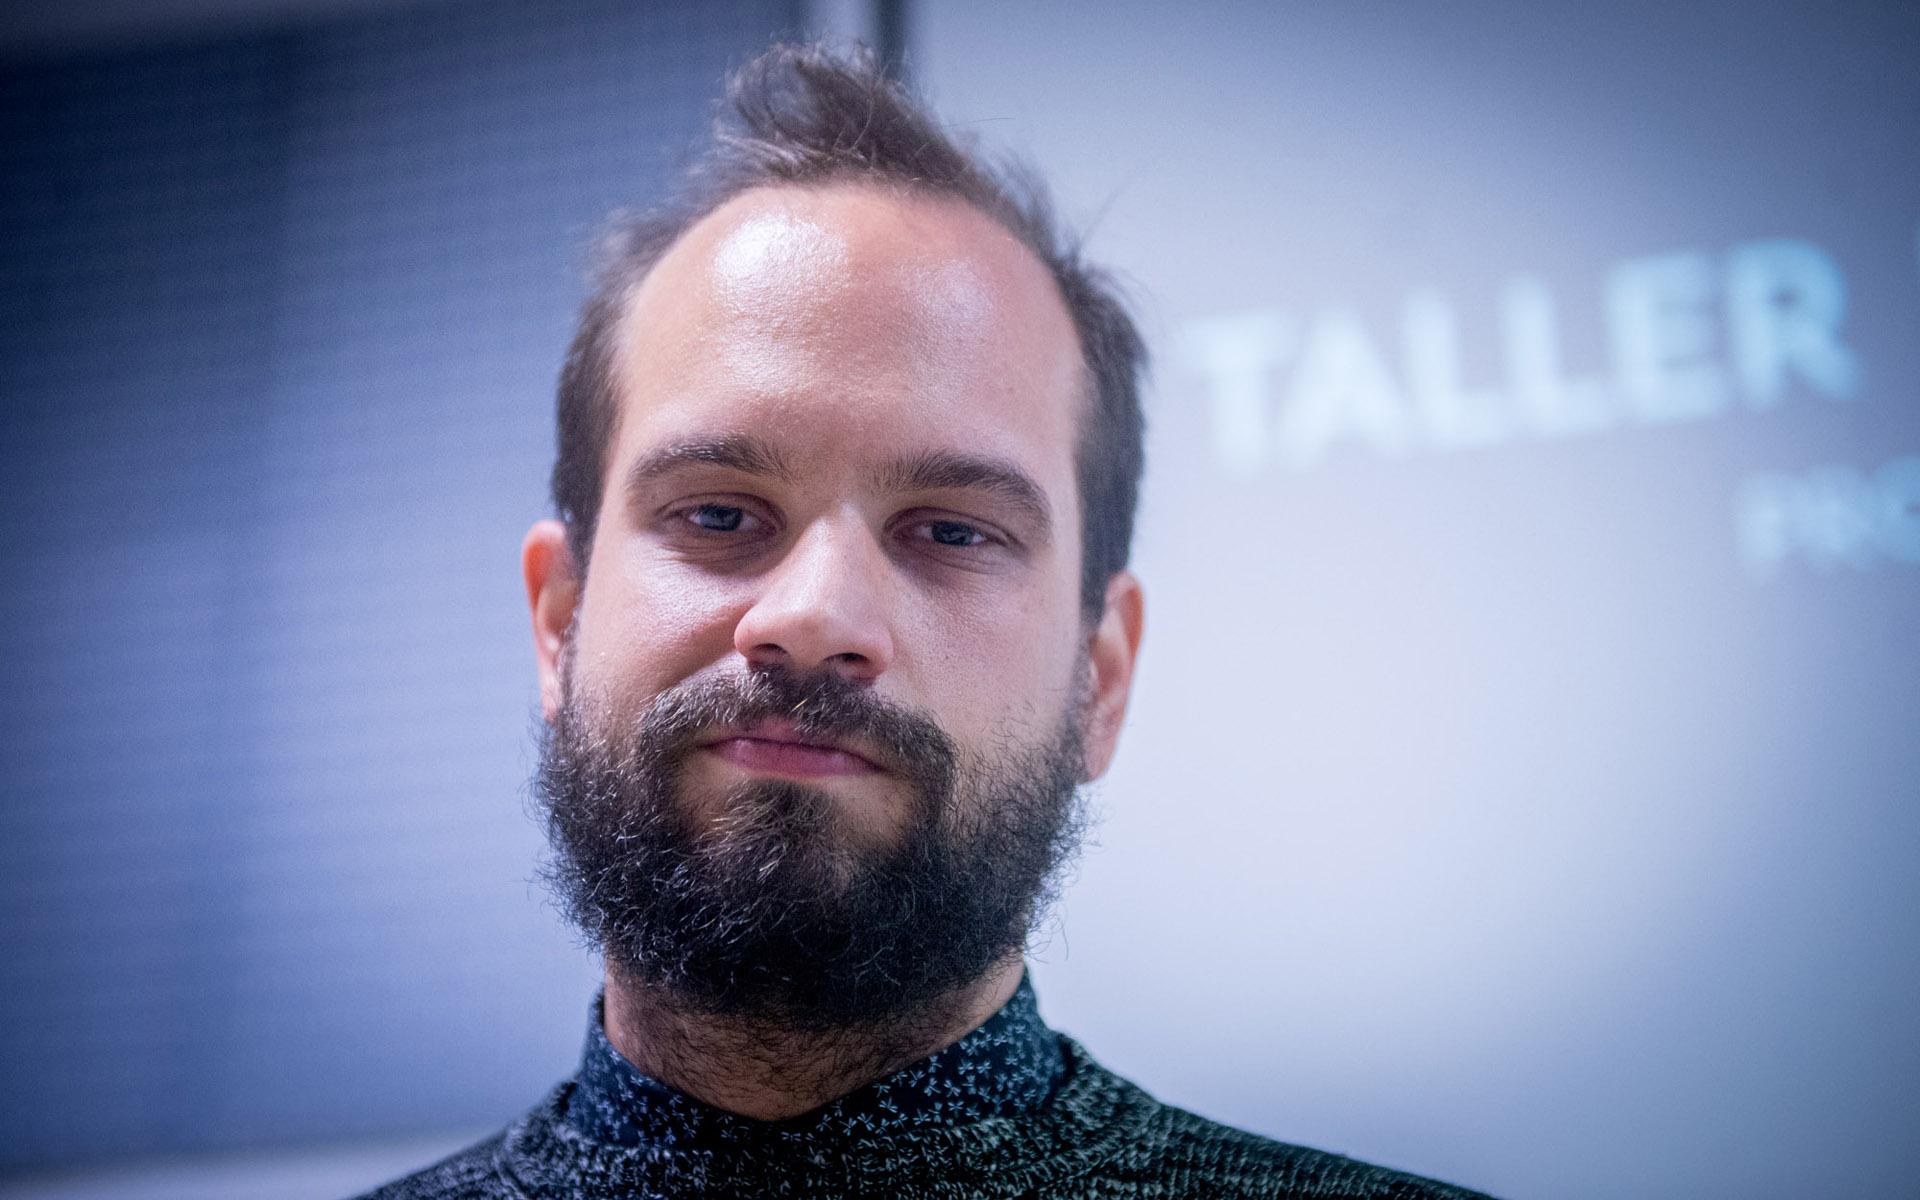 Federico es el creador de FICSOR, está a cargo de la coordinación de proyectos audiovisuales y accesibles para personas Sordas en Access Media Argentina y, además dicta talleres de cine en lenguaje de señas.